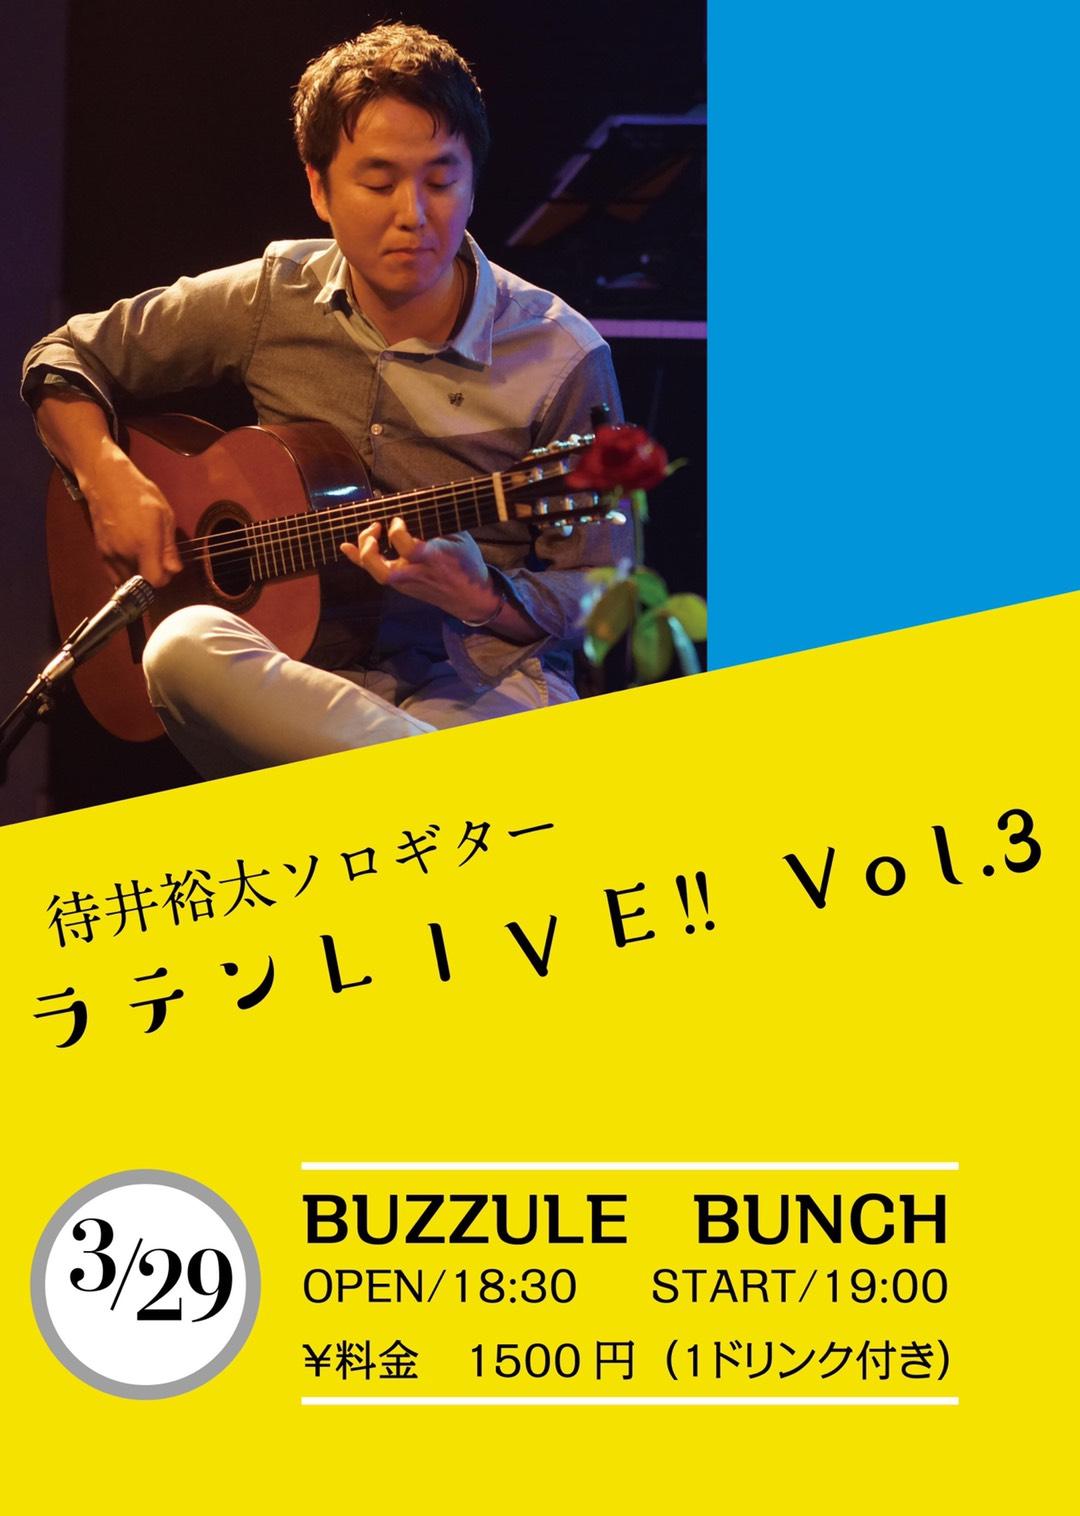 2020年3月29日(日) 待井裕太 ラテンLIVE Vol 3